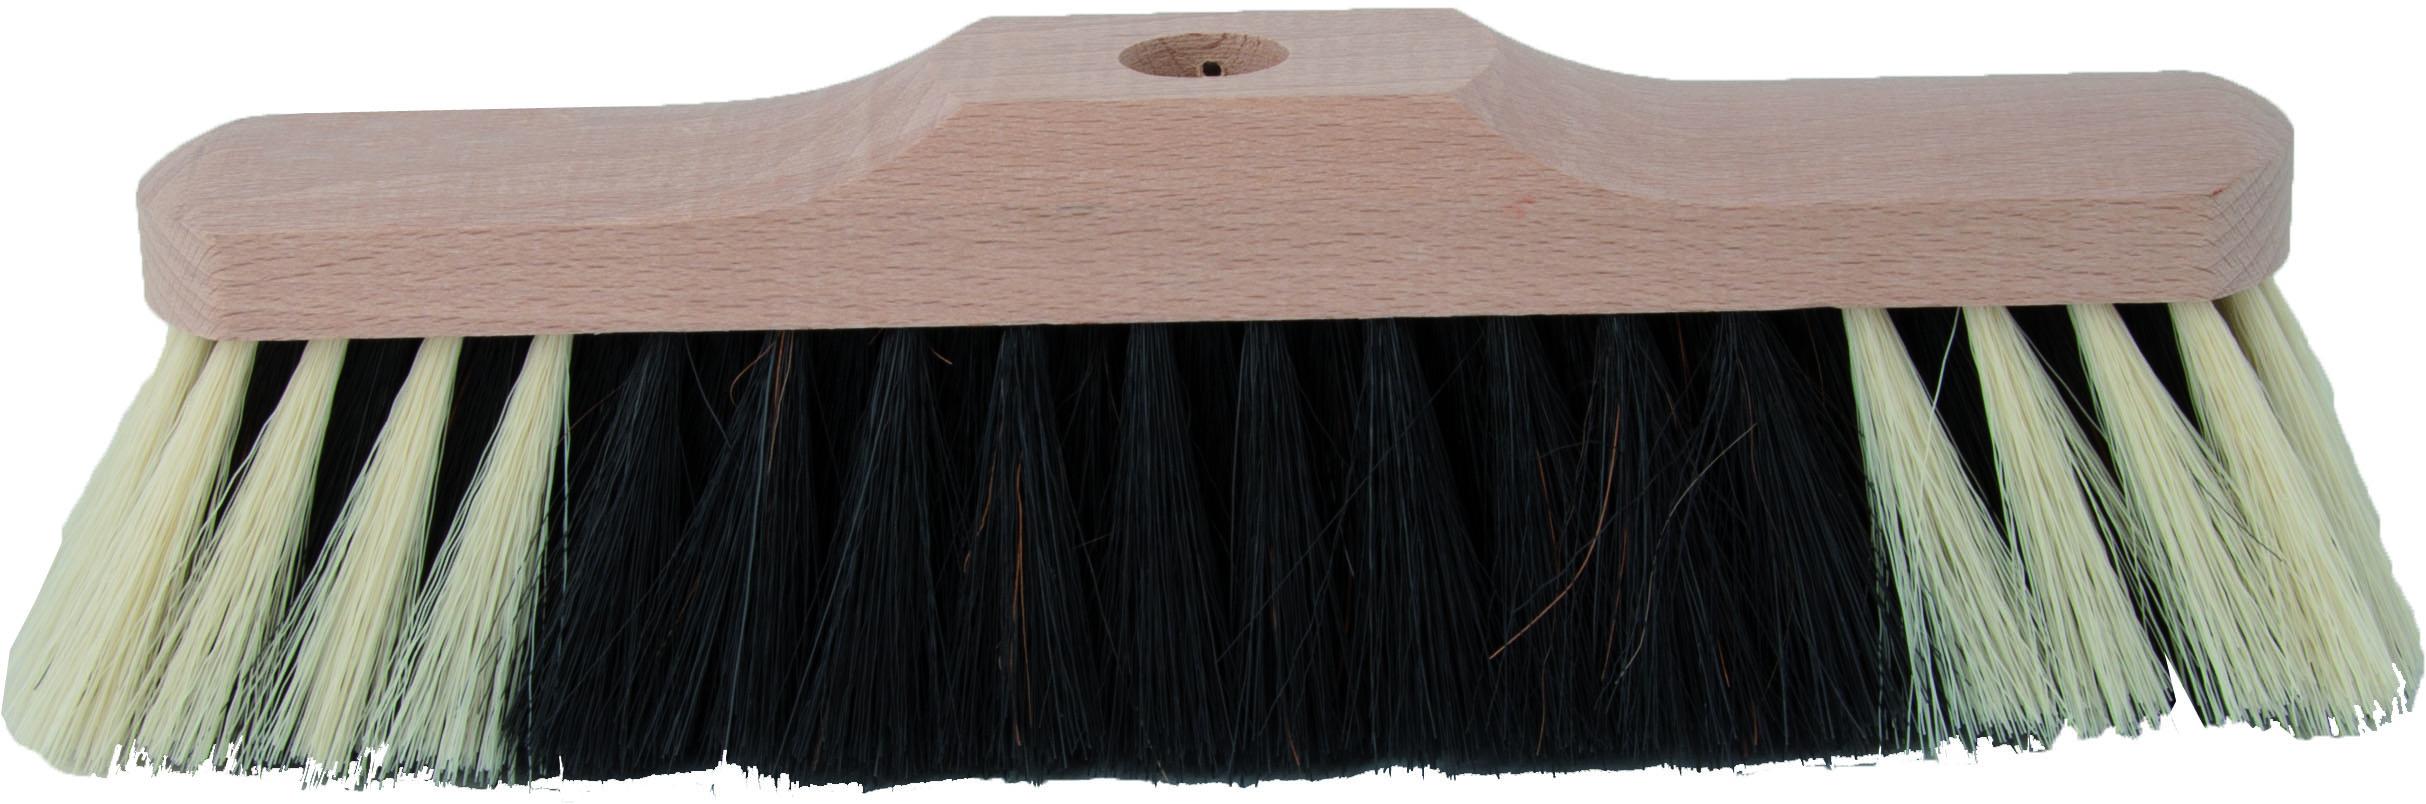 Smeták šíře 28cm 28cm